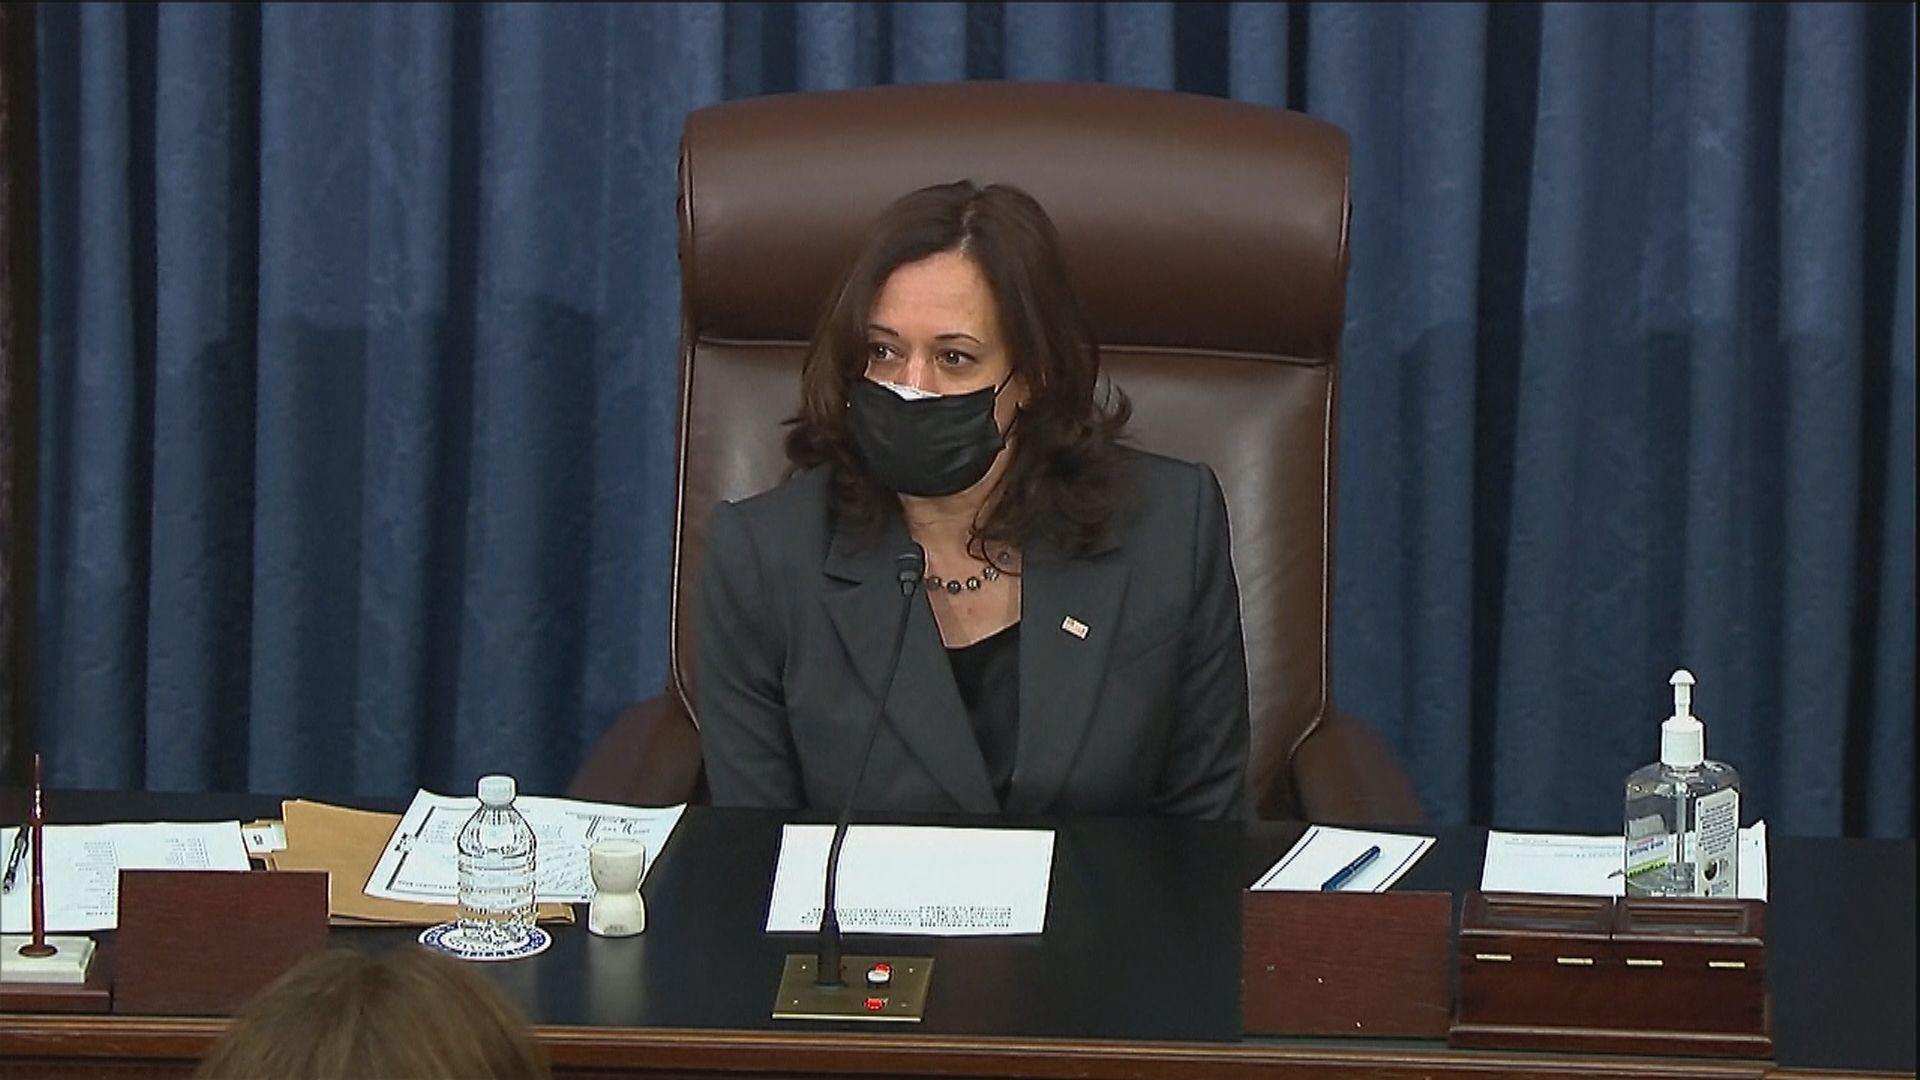 賀錦麗投下關鍵一票通過預算案